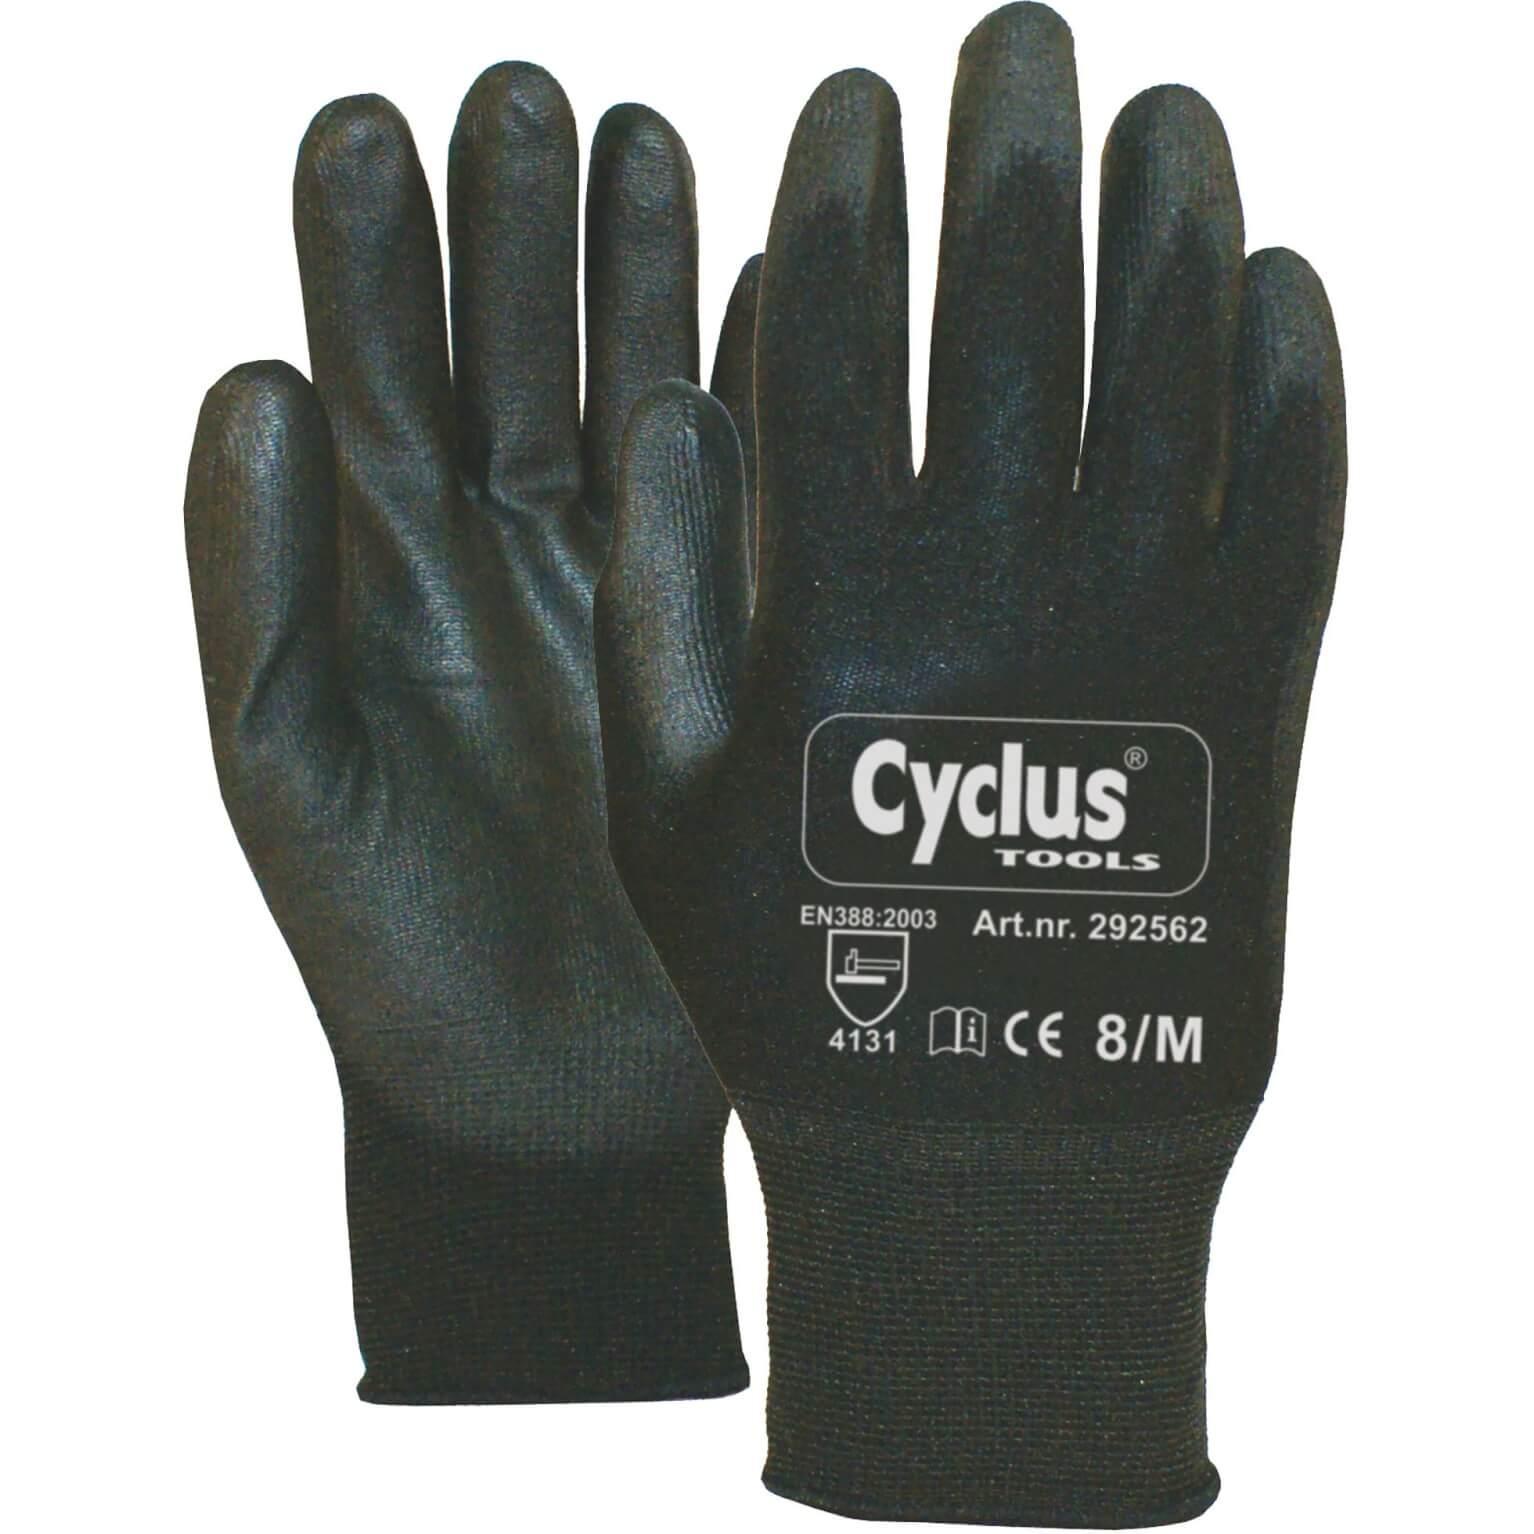 Cyclus handschoen WP M zw/gl